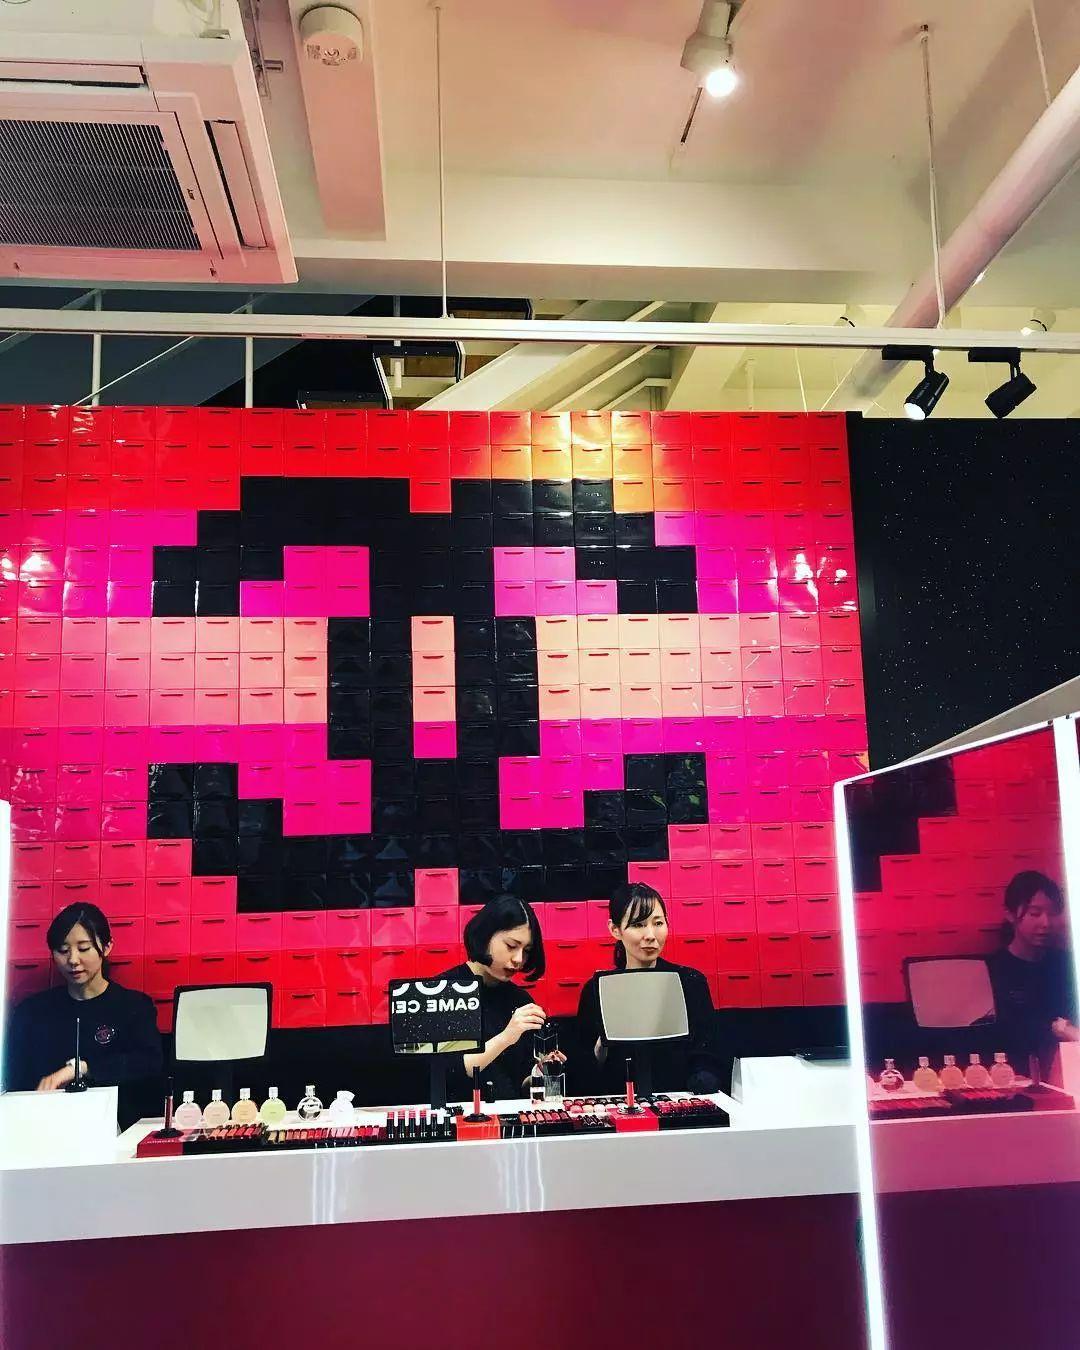 香奈儿在东京开了一家游戏厅!娃娃机里的口红免费夹!